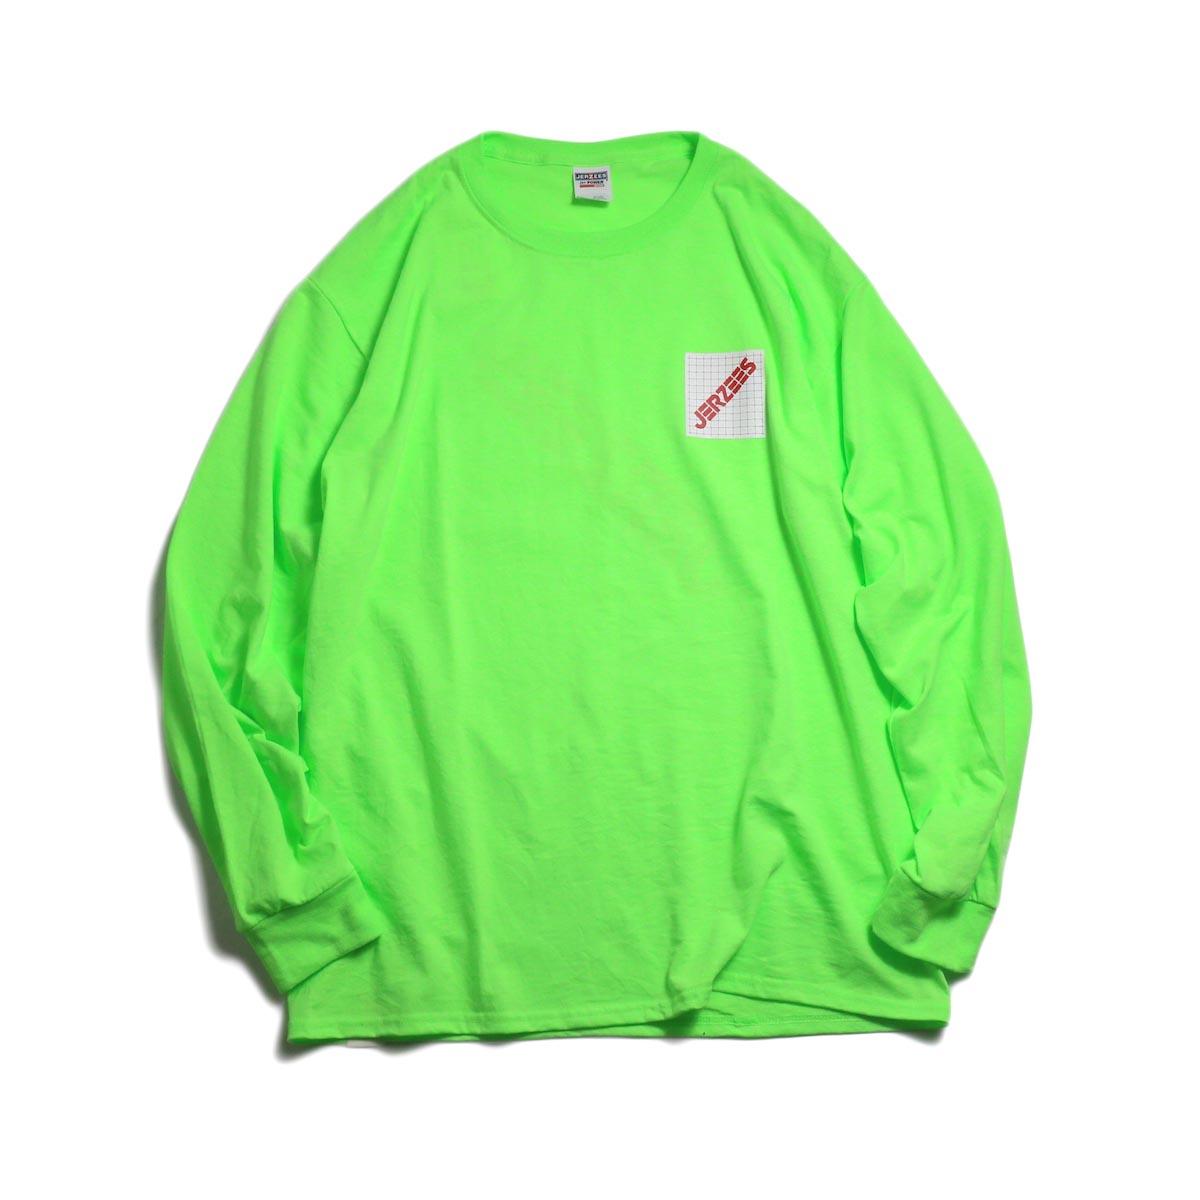 N.HOOLYWOOD × JERZEES  / 191-CS43-070 Long Sleeve Tee -Green